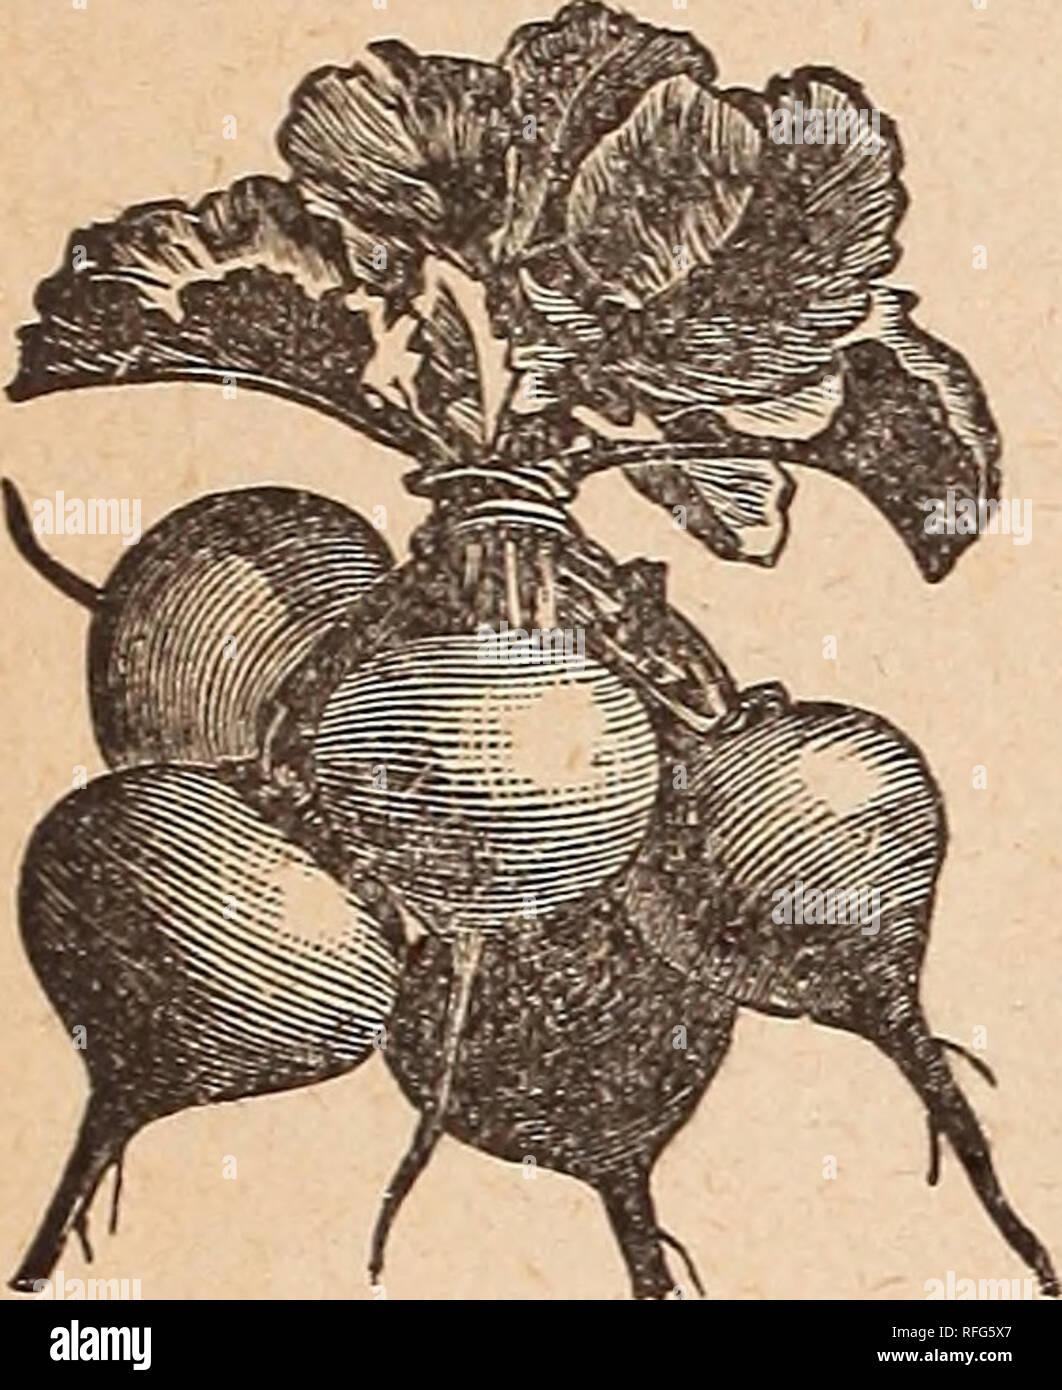 . Catalogue Annuel: testé et fiable sur le terrain, jardin et des graines de fleurs. Cincinnati Ohio pépinière; catalogues de graines de graminées; Catalogues Catalogues Catalogues de graines; fleurs; instruments agricoles Catalogues. 10 J. CHAS. McCTJLLOUGH, Seedsman,. Radis, a continué. Bri^hest l.chant' Scarlet-s'il est très tôt, à maturité en 20 à 25 jours, la chair croquante et tendre, excellent pour le jardin d'accueil et en particulier souhaitable que le marché, tel qu'il se vend rapidement à cause de sa belle couleur et forme. 10 cts. oz.; 20 cts. Jeave<l-n'exécute pas à la semence si facilement que les autres. 15 cls. % Lb.; 45 cts. lb. Banque D'Images